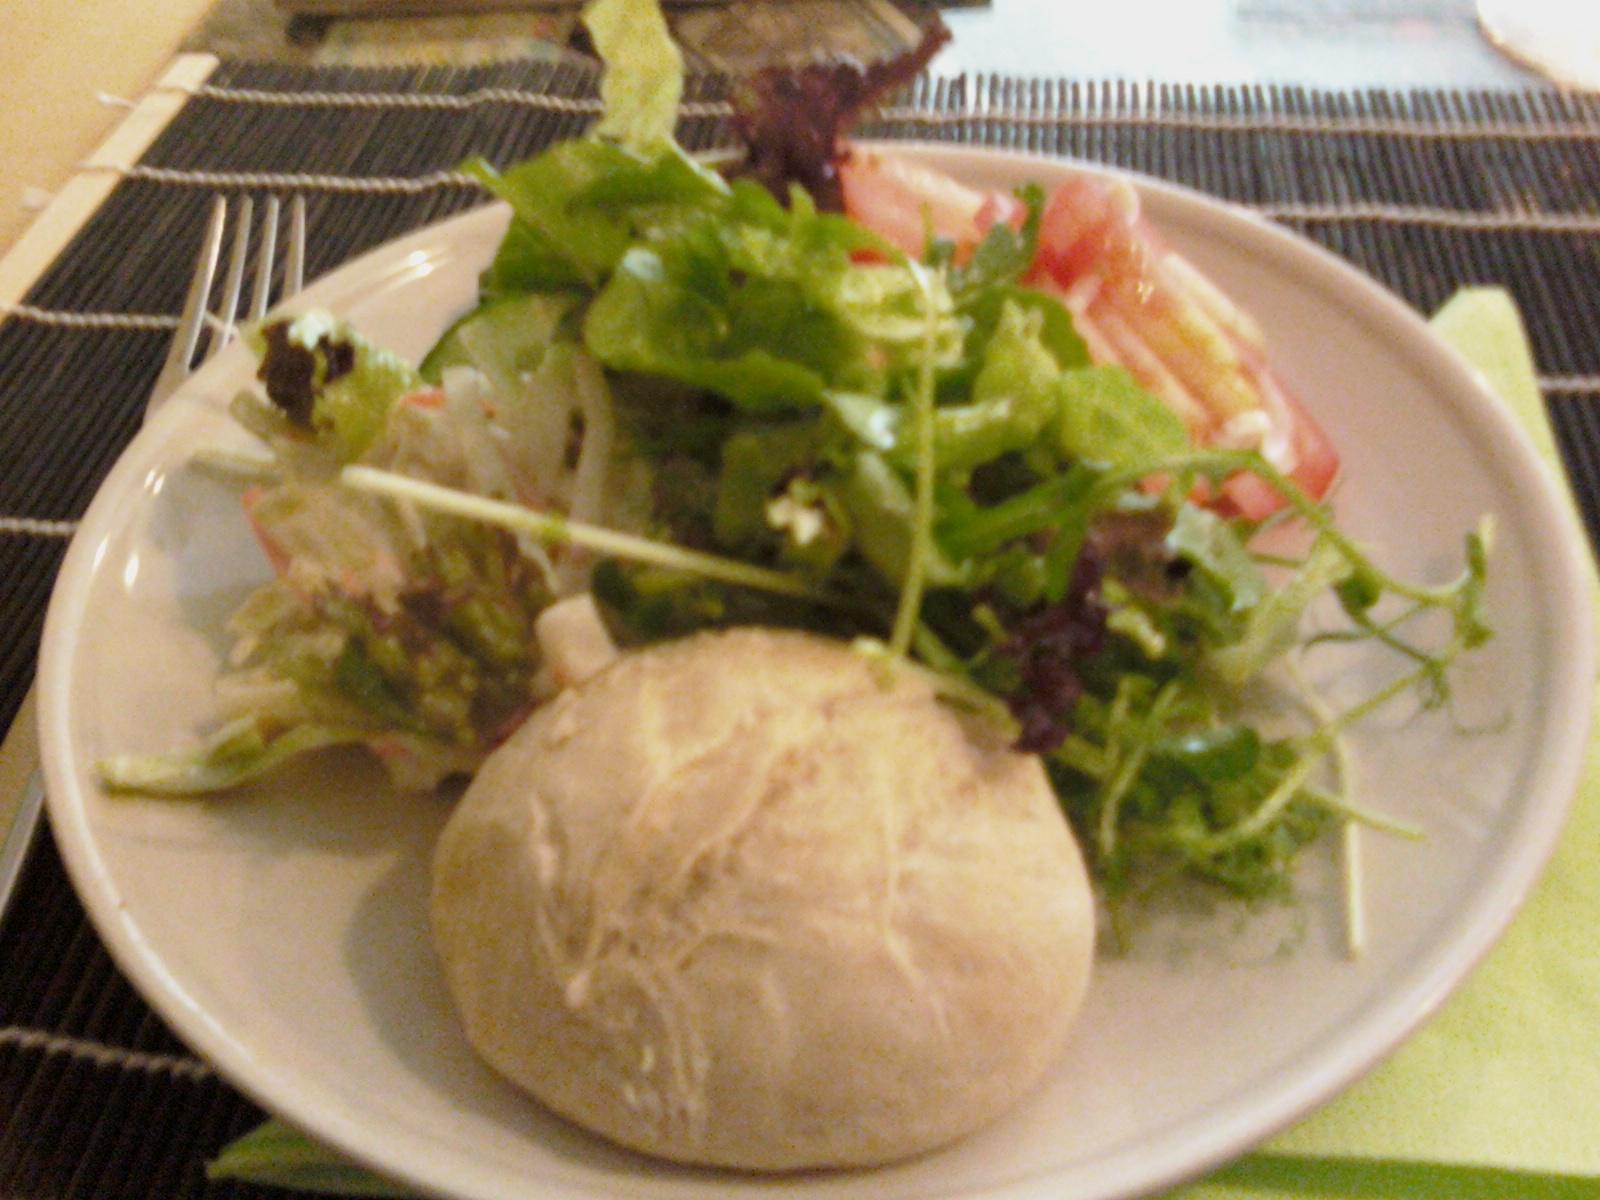 Bistro Artesana Groovy, Helsinki: Salaattipöydän satoa